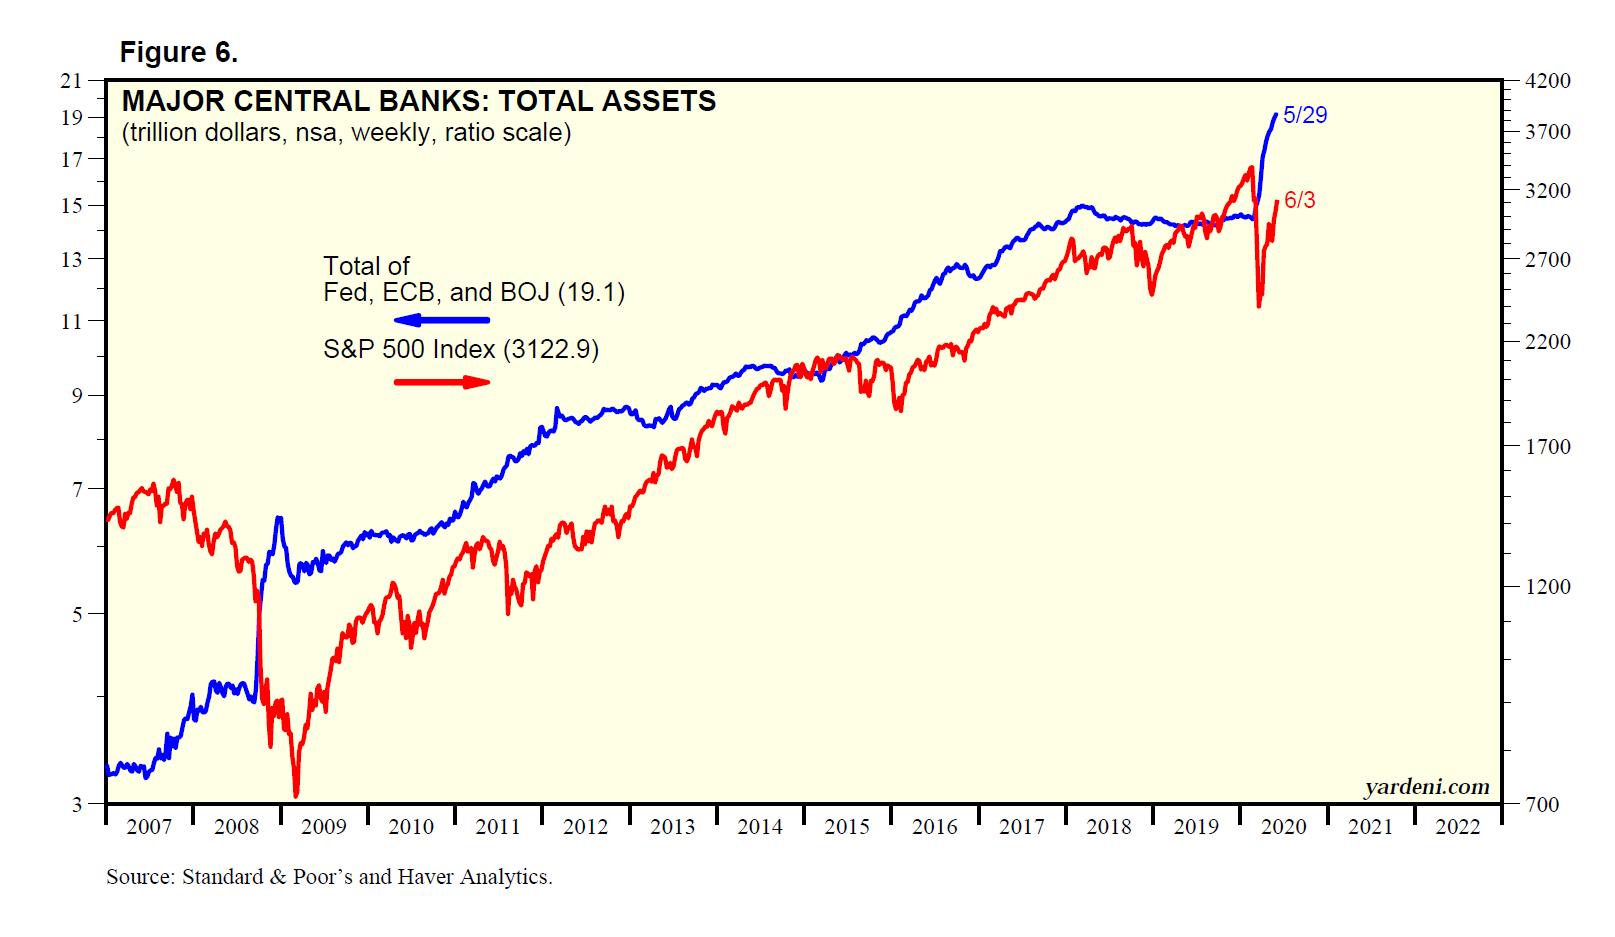 Major Central Banks Total Assets